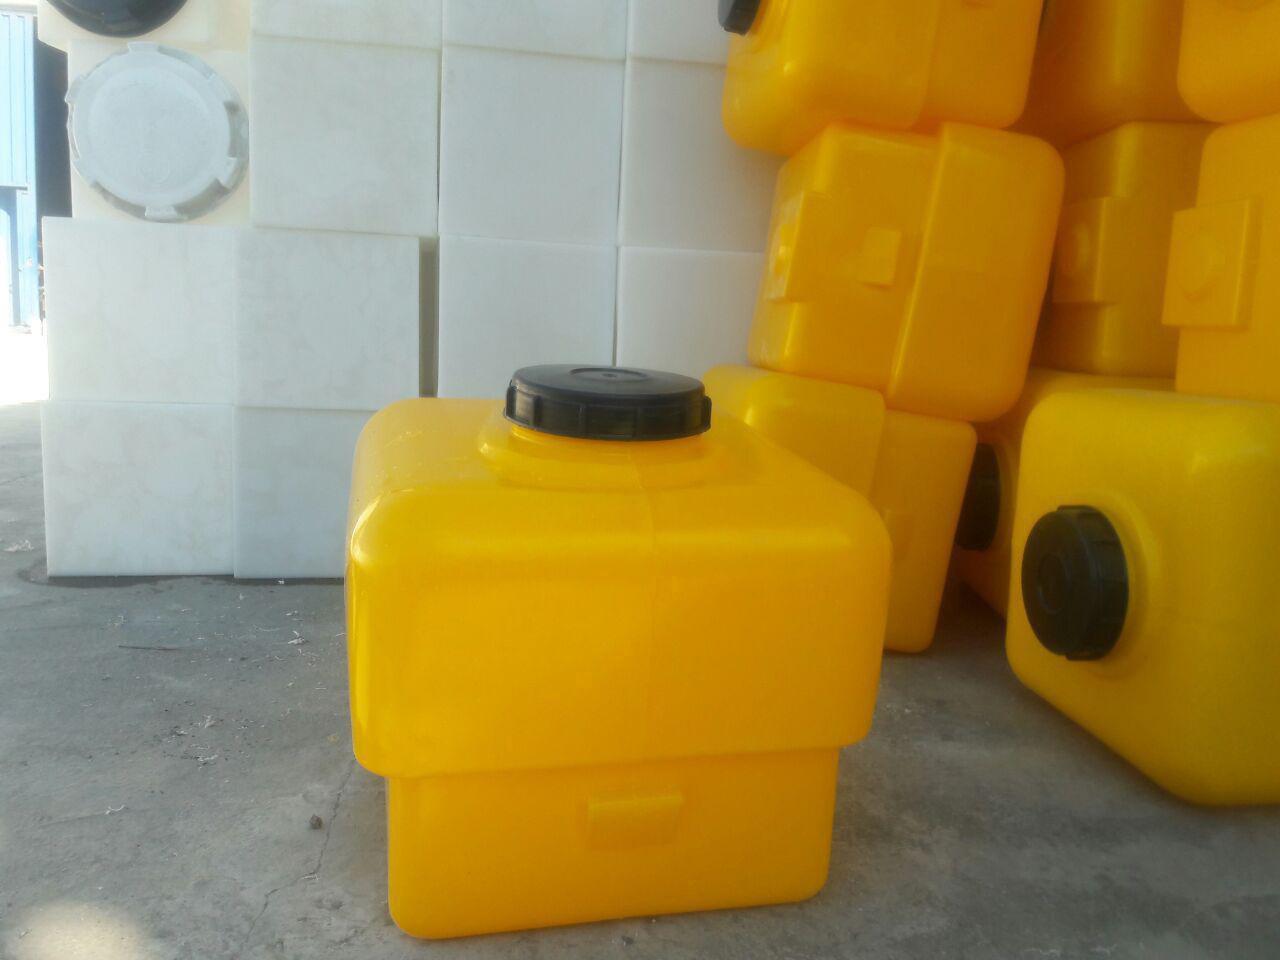 فروش انواع مخزن پلی اتیلن سمپاش در تهران